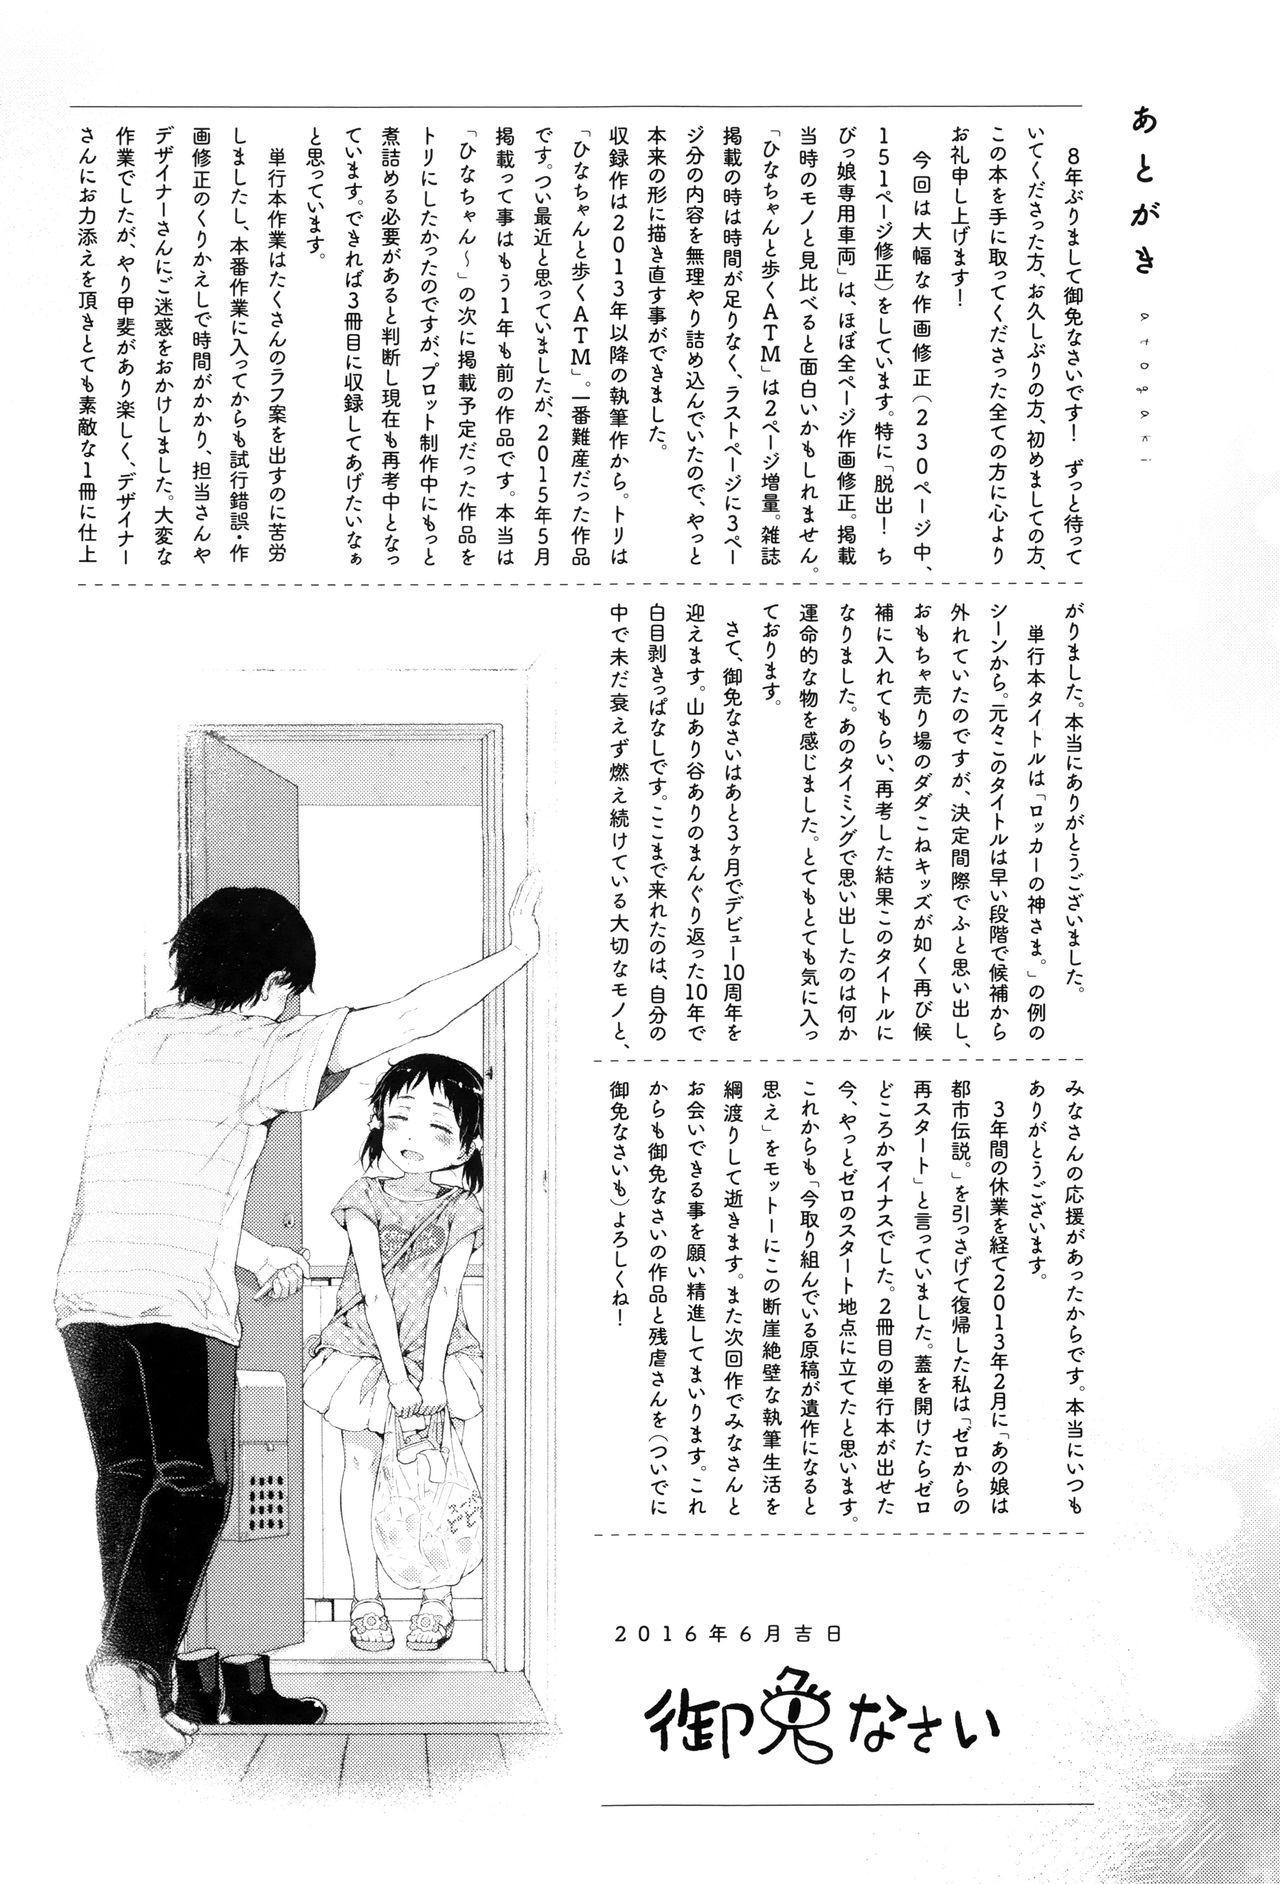 Dakara Kami-sama, Boku ni shika Mienai Chiisana Koibito o Kudasai. 202